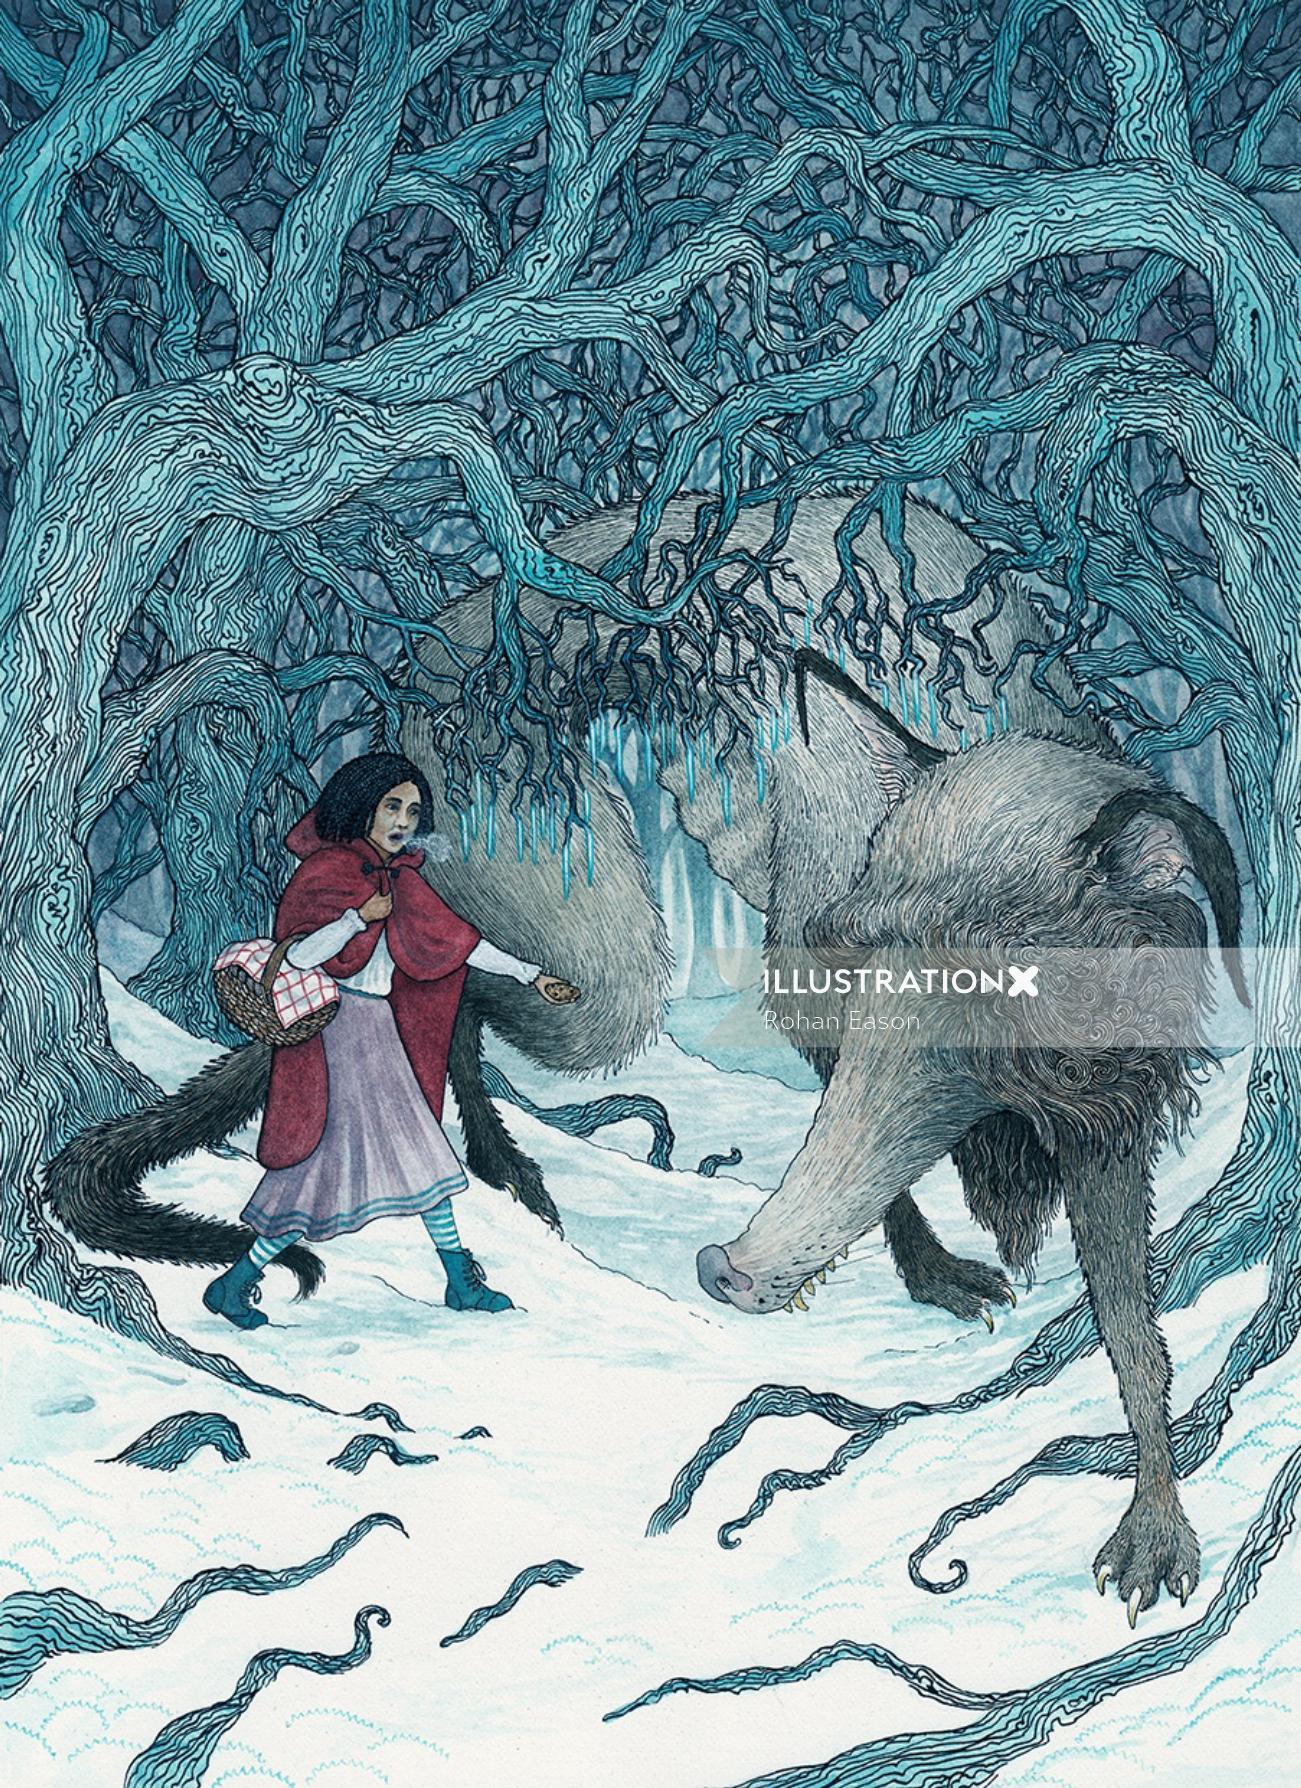 Red Riding Hood Fantasy Illustration